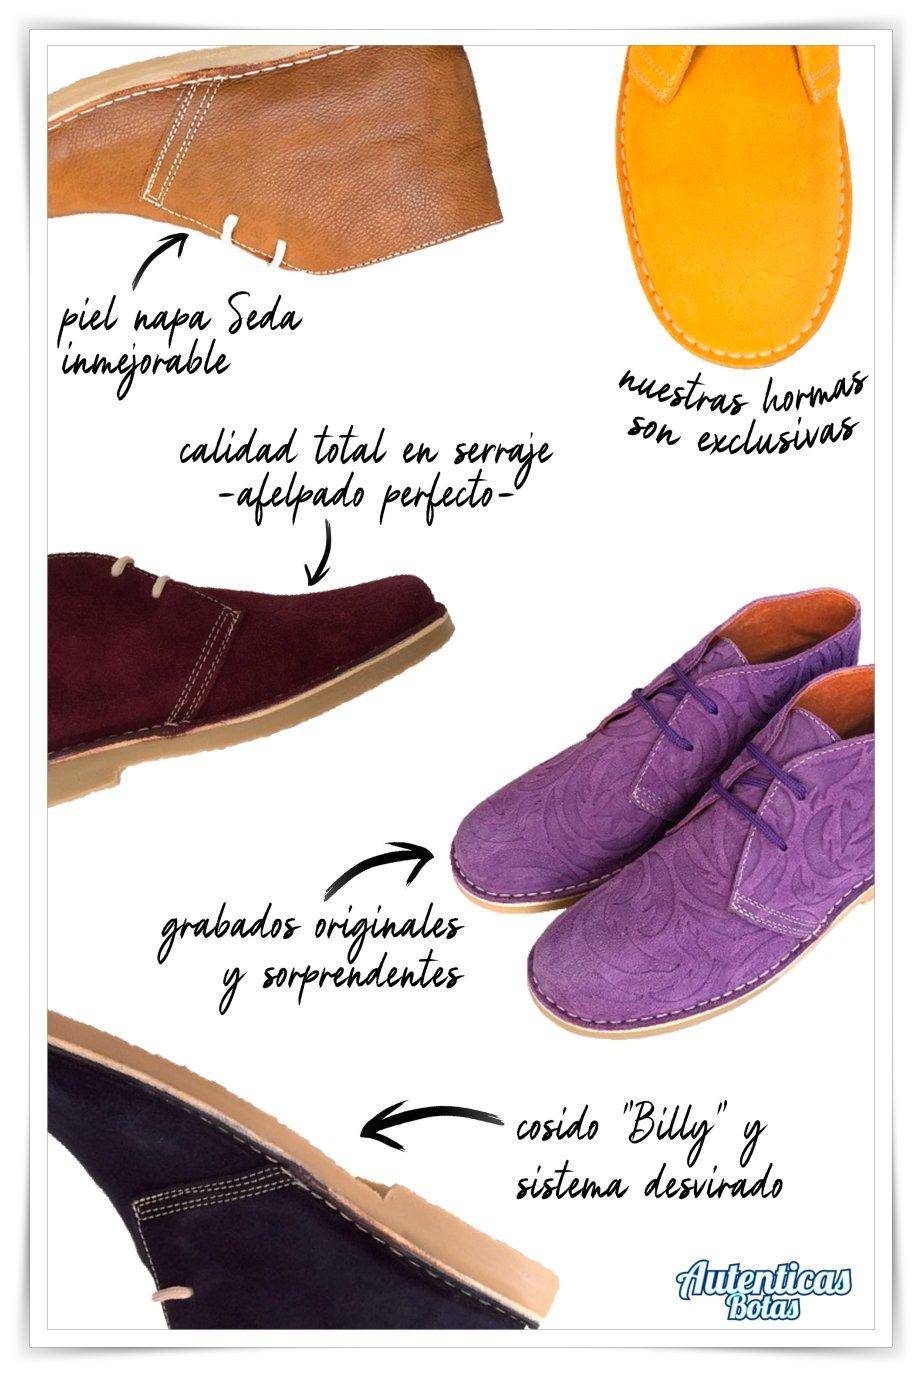 diferencia autenticas botas